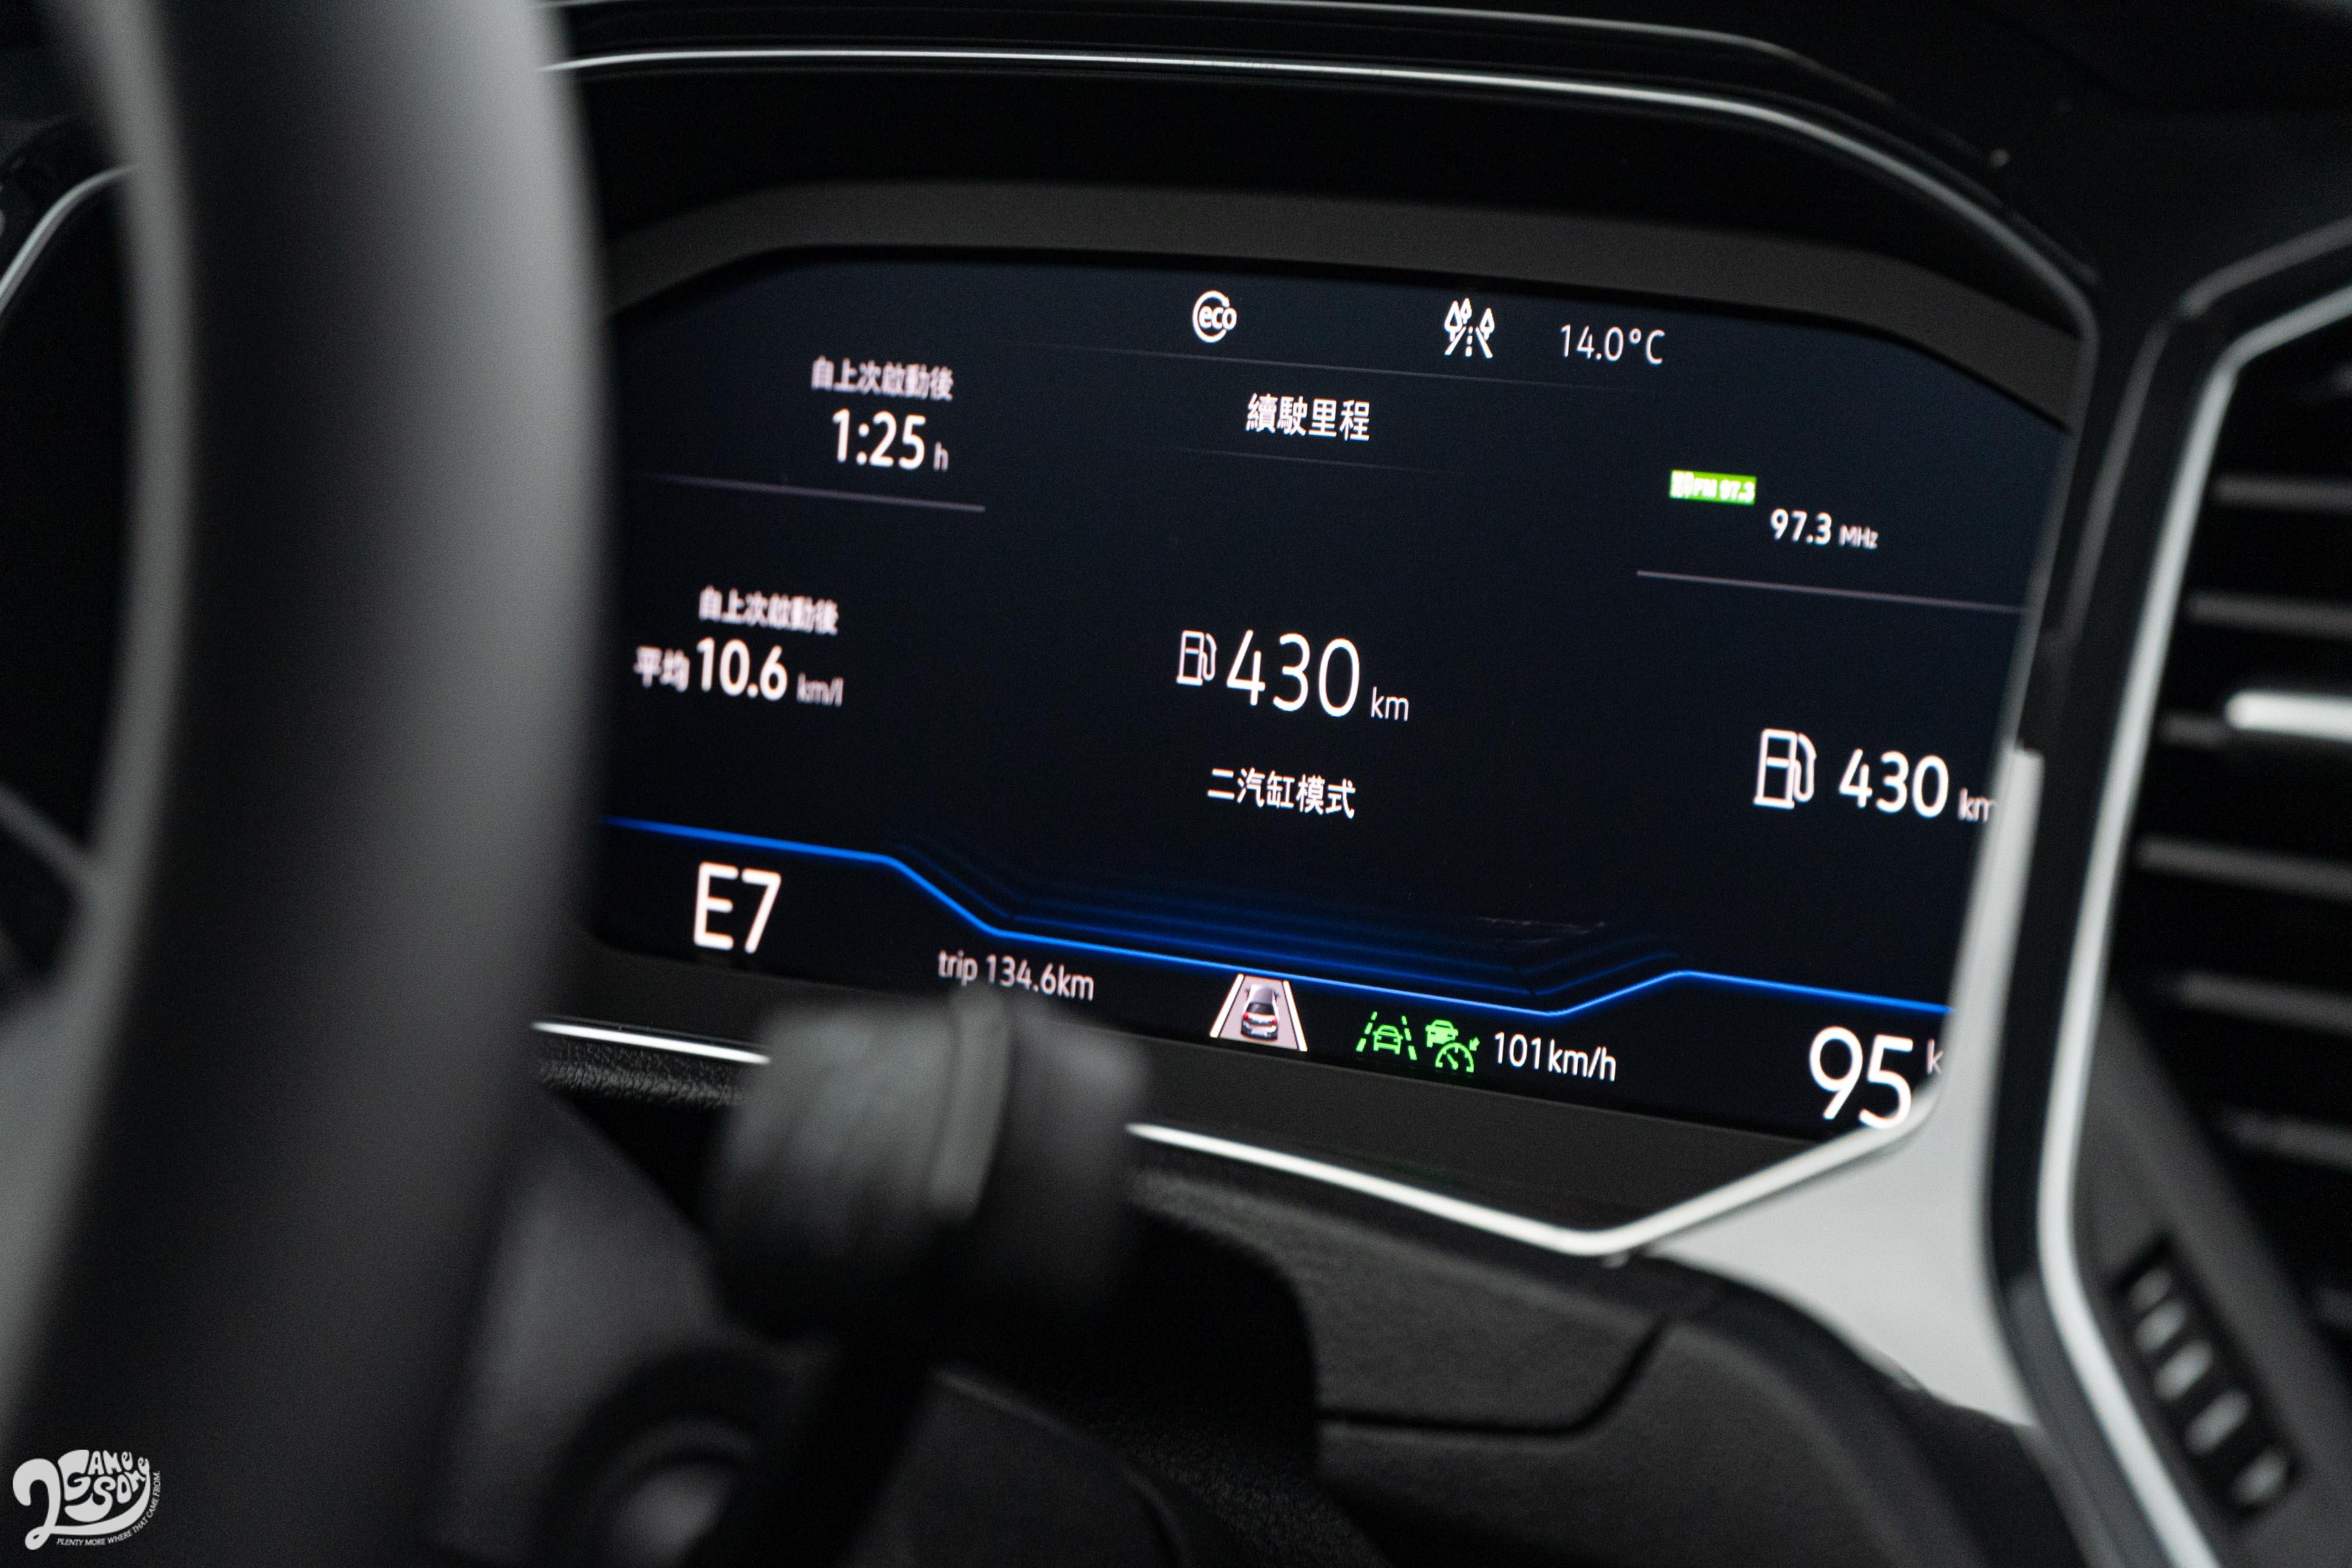 從此圖可以看見此動力系統具備 ACT 主動式汽缸休止管理系統,讓其平均油耗可以達到 16.3km/L 的優異成績。此外也配備有 IQ-Drive 智能駕駛輔助系統,像是熟悉的 ACC、AEB、RTA 等系統都皆備,但還不到 Levle 2 半自動駕駛輔助等級。